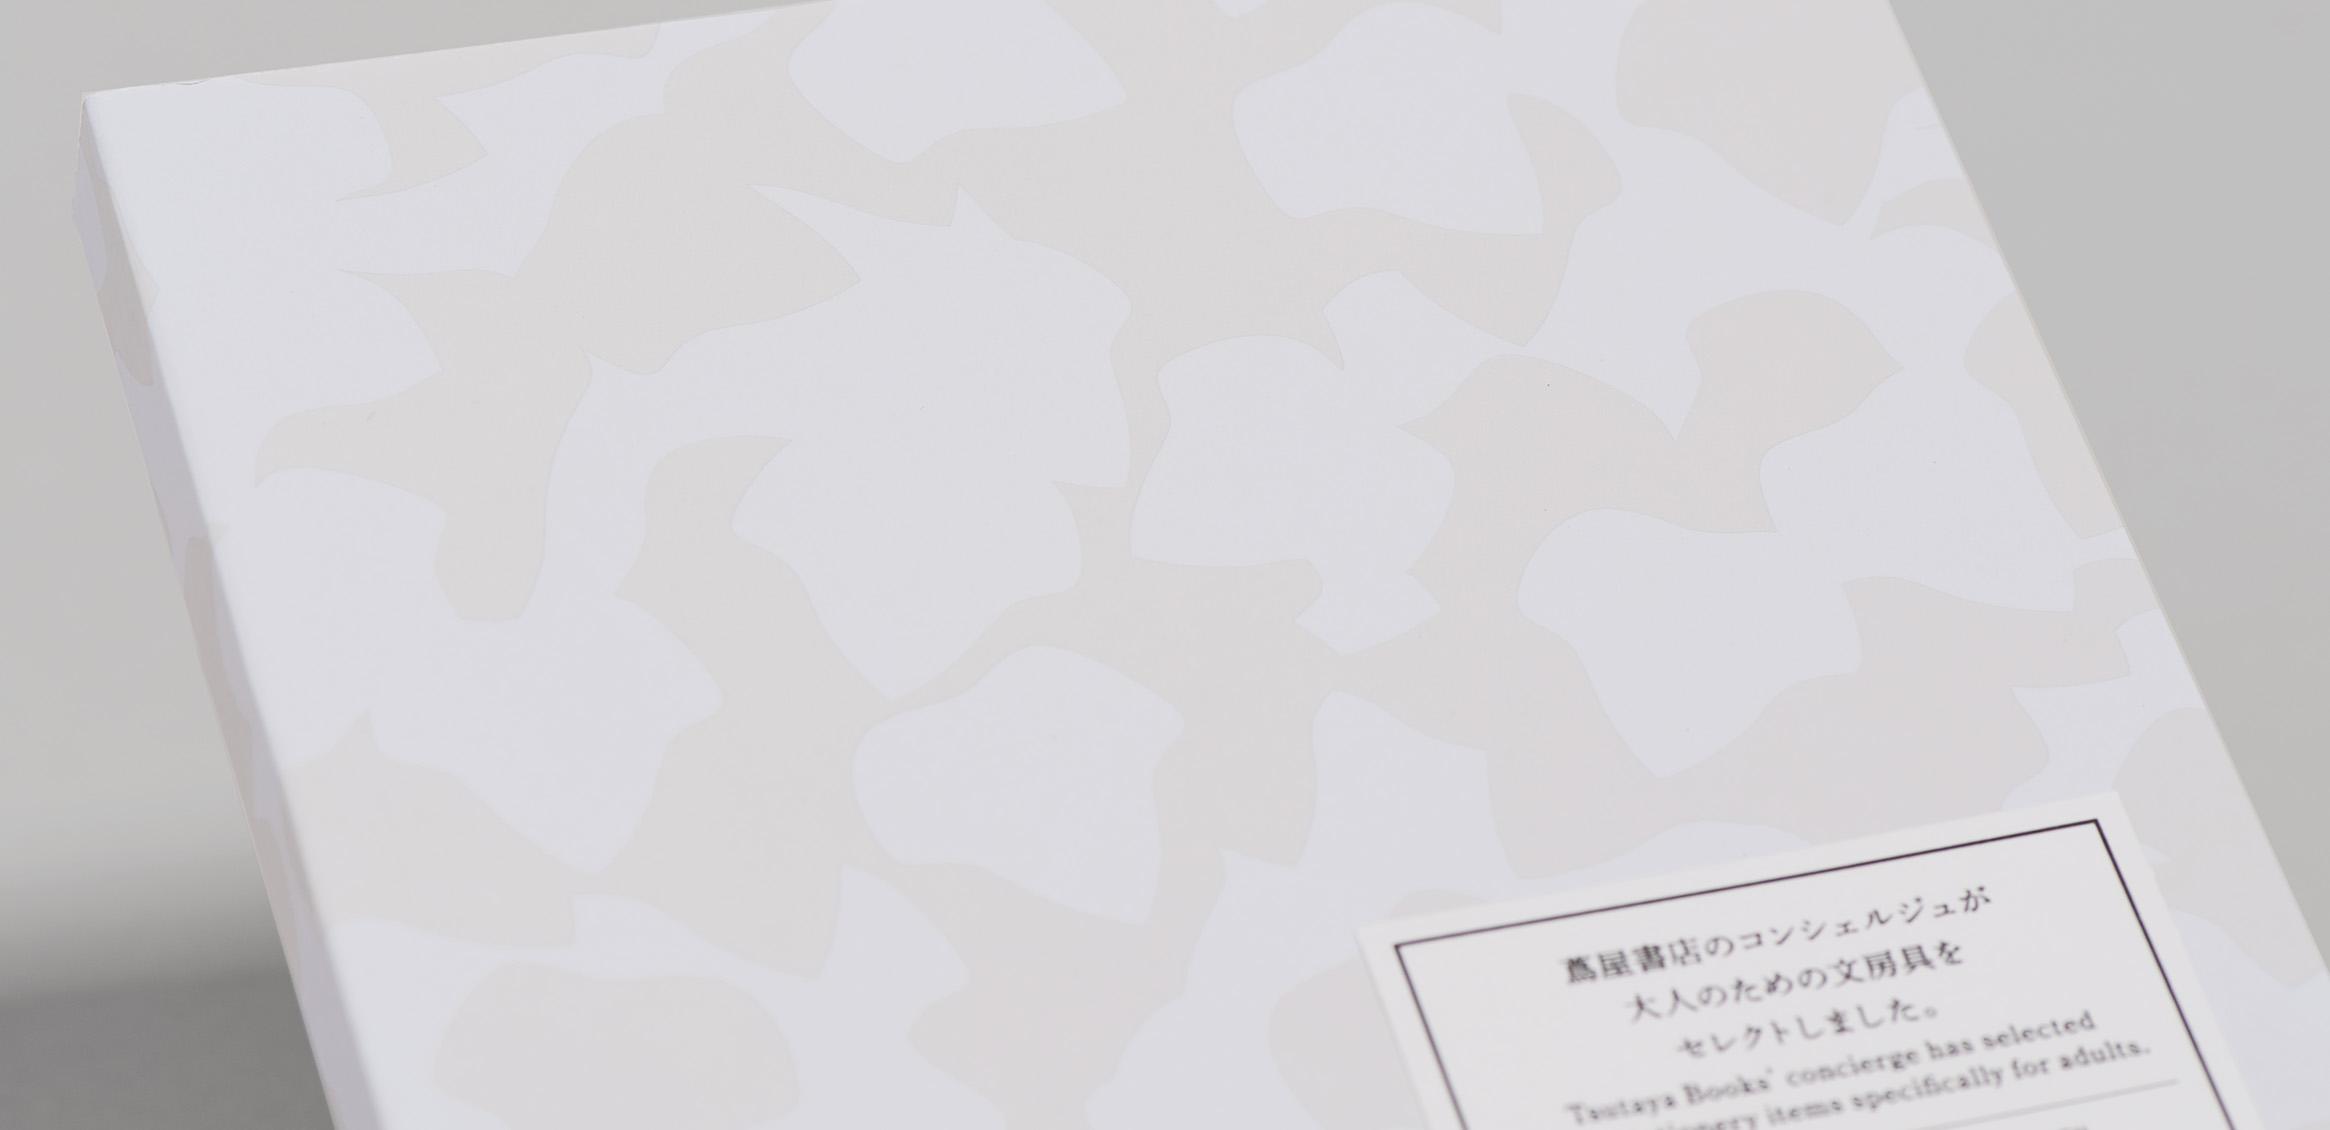 Tsutaya Books Sengu4枚目